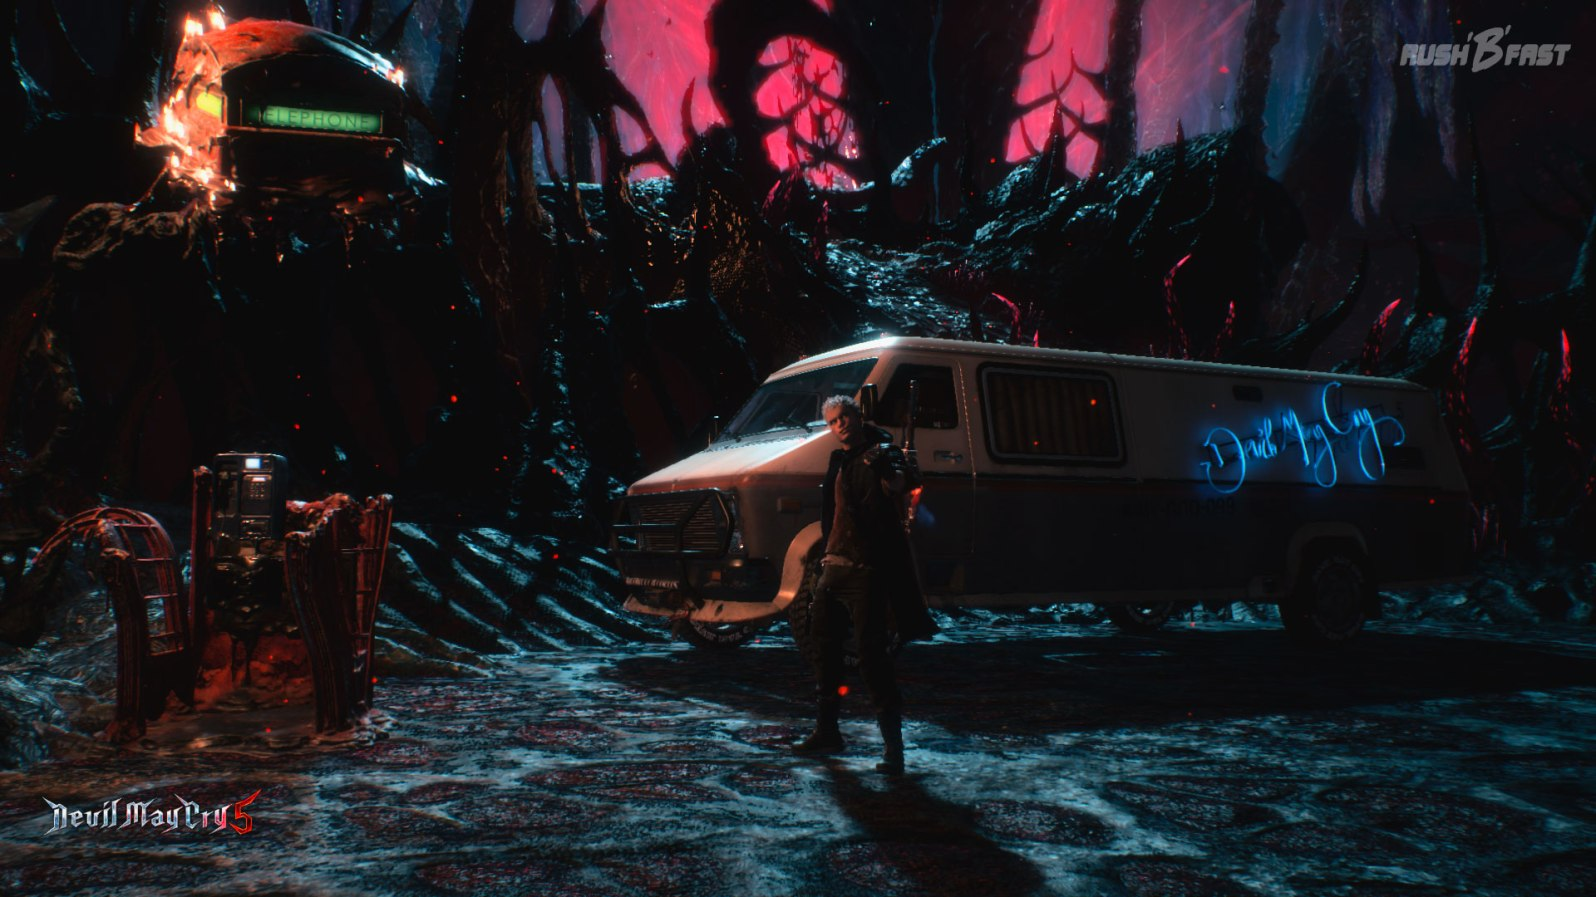 Devil May Cry 5: Anruf genügt! Nico düst mit dem Van (Everest 670i) herbei! Jetzt wird erst mal das Waffenarsenal aufgestockt und gespeichert.